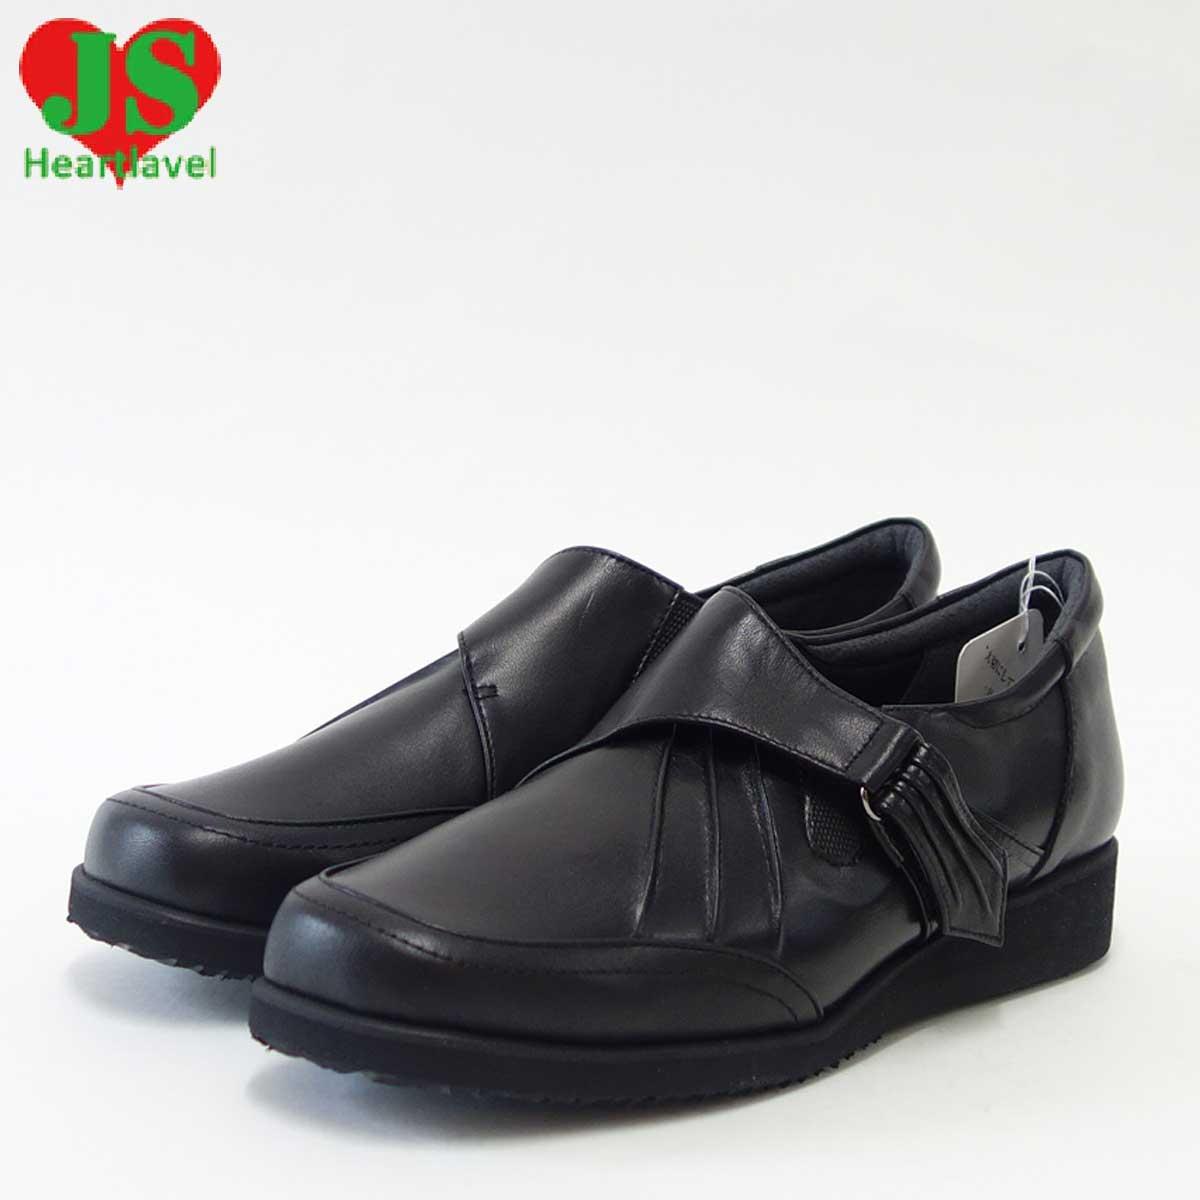 JS Heartlavel ジェイエス ハートラベル1152 ブラック(レディース)日本製ゆったりEEEEの楽ちんシューズ天然皮革のカジュアルシューズ 「靴」